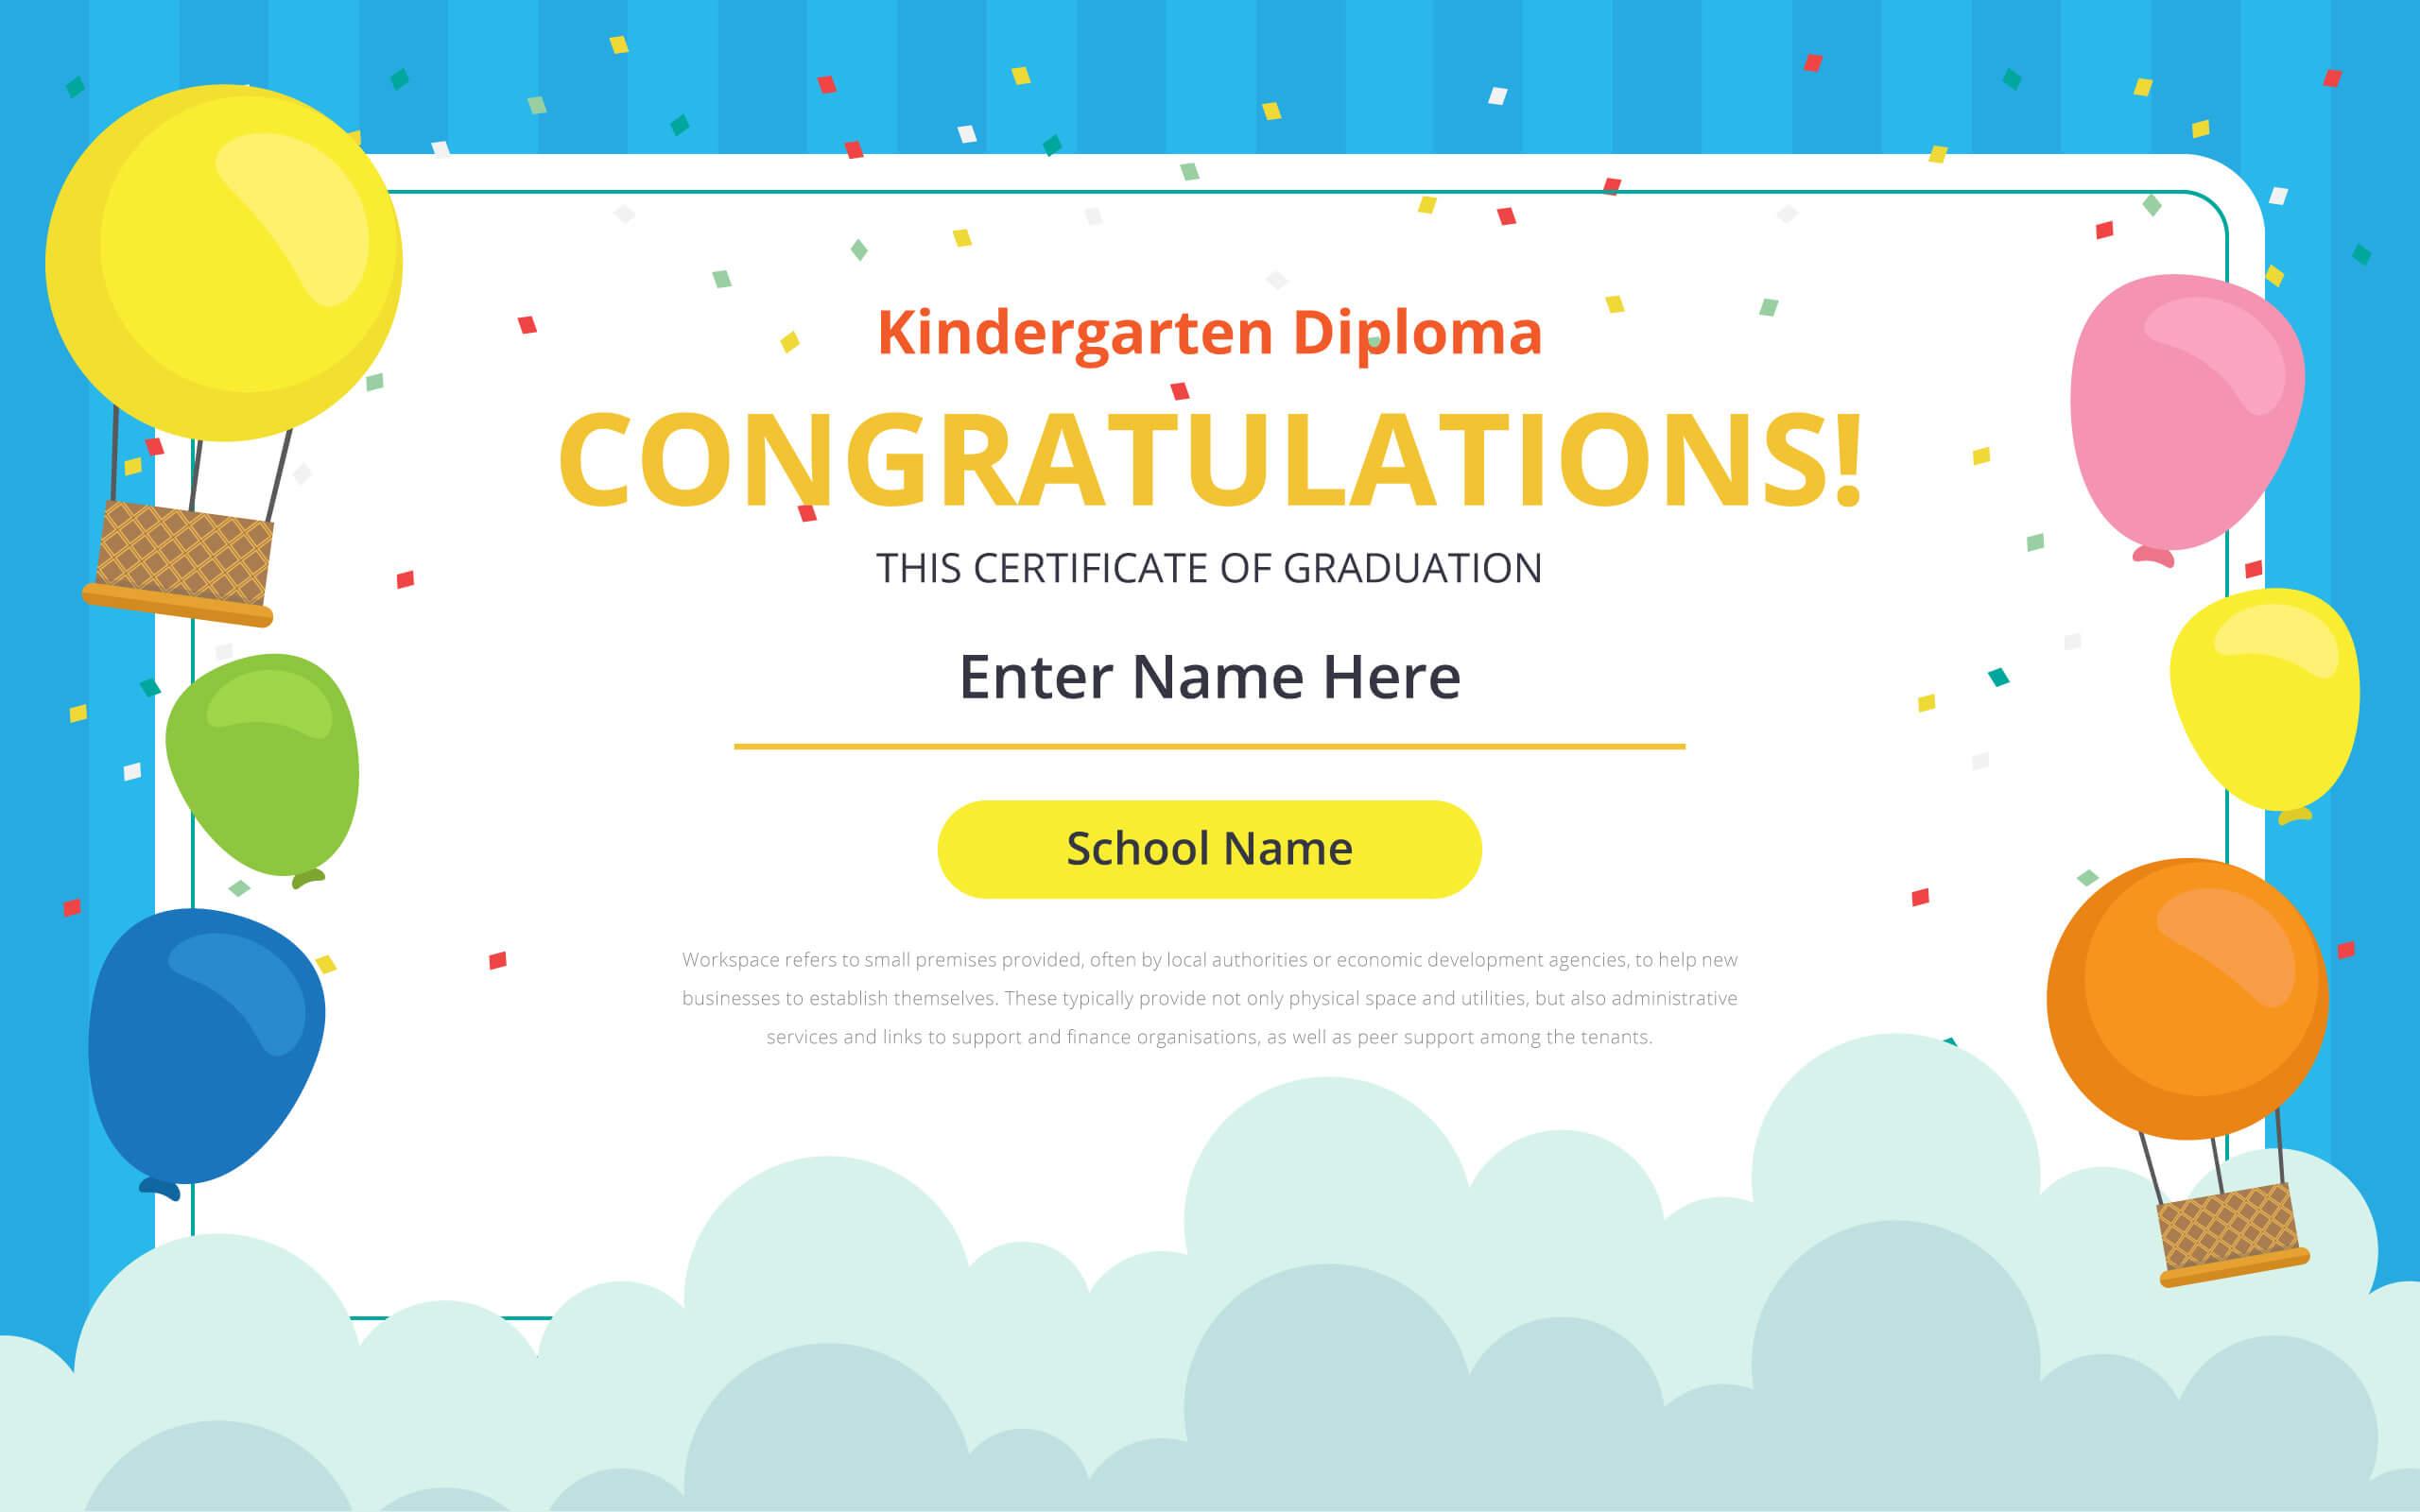 Kindergarten Certificate Free Vector Art - (21 Free Downloads) in Free School Certificate Templates